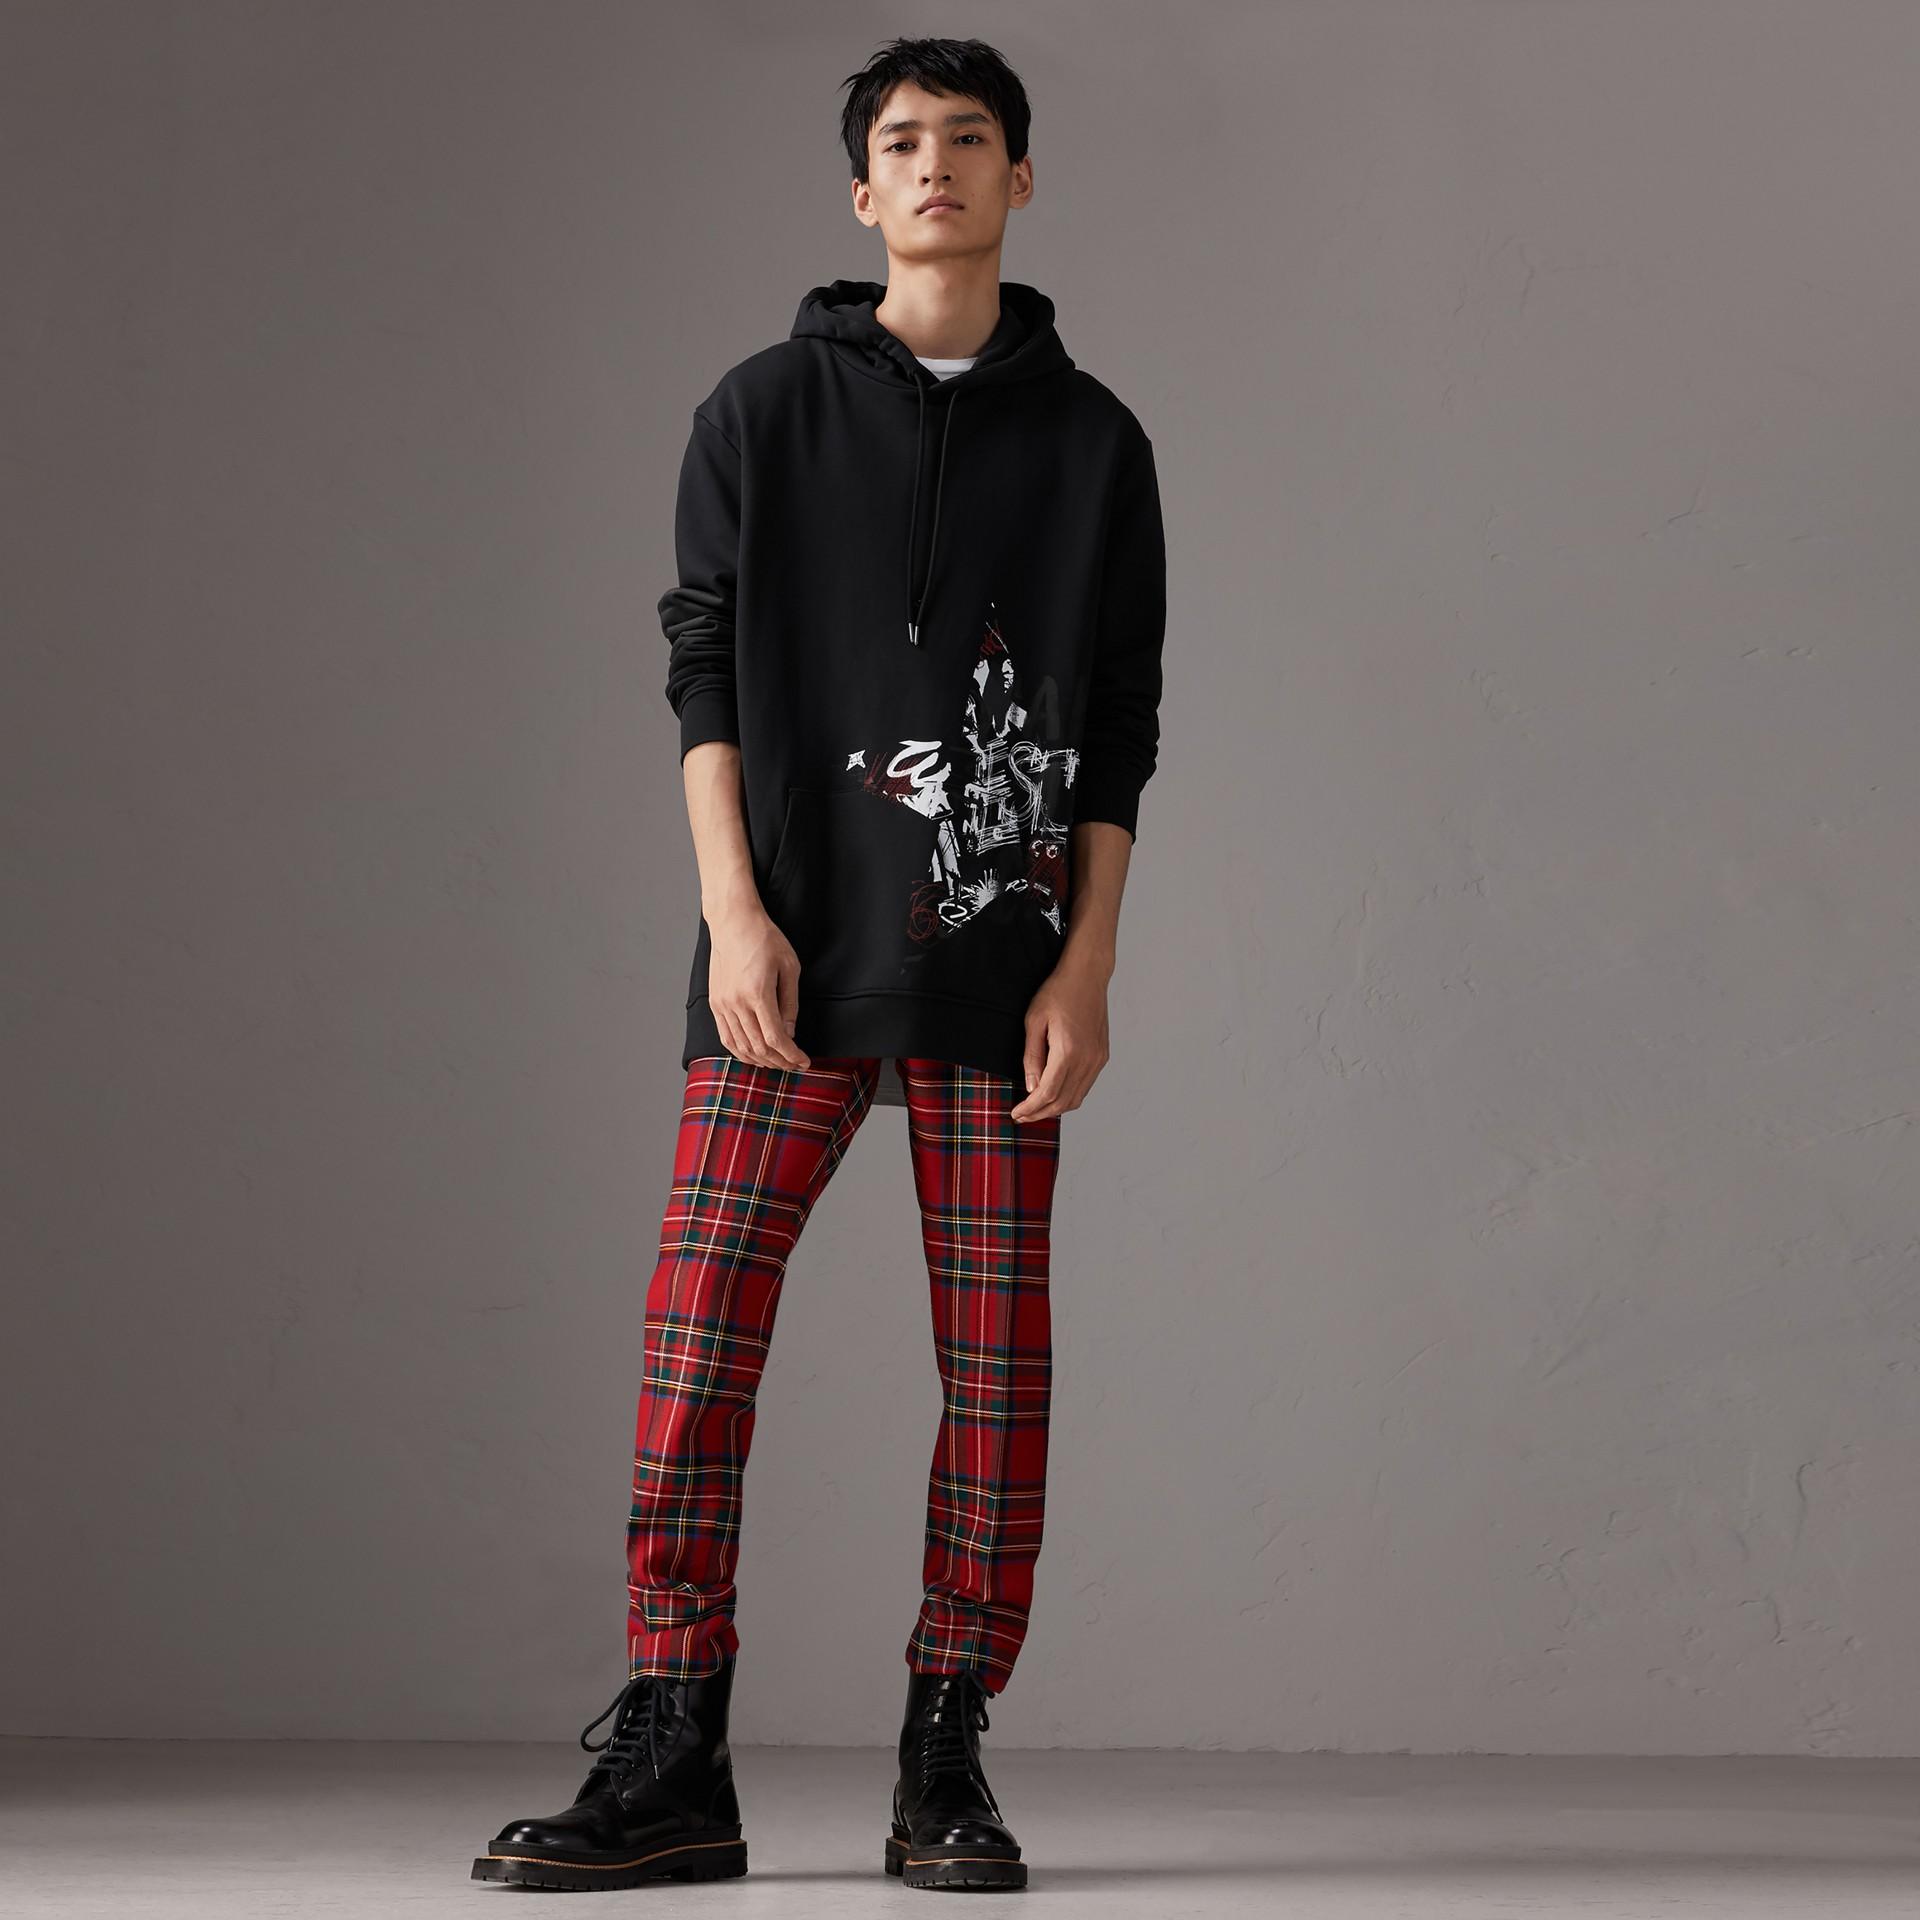 Burberry x Kris Wu Hooded Sweatshirt in Black - Men | Burberry United Kingdom - gallery image 0